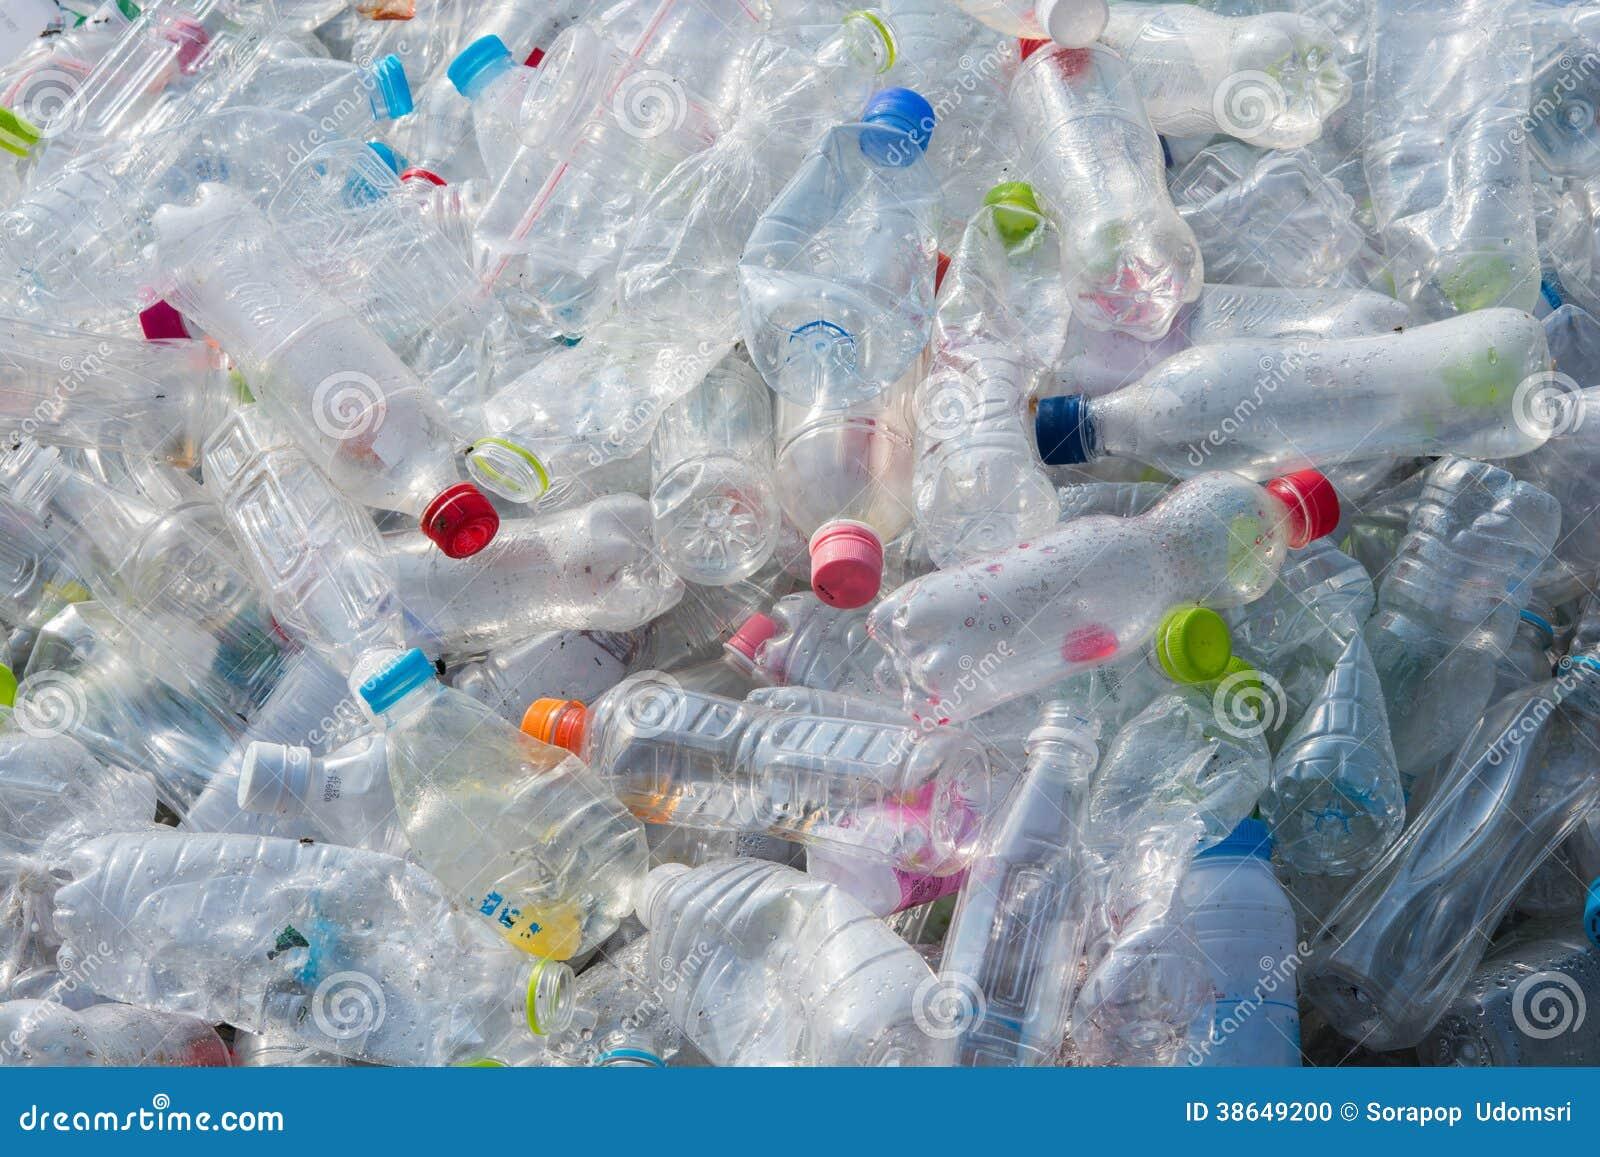 Recicle las botellas de agua plásticas